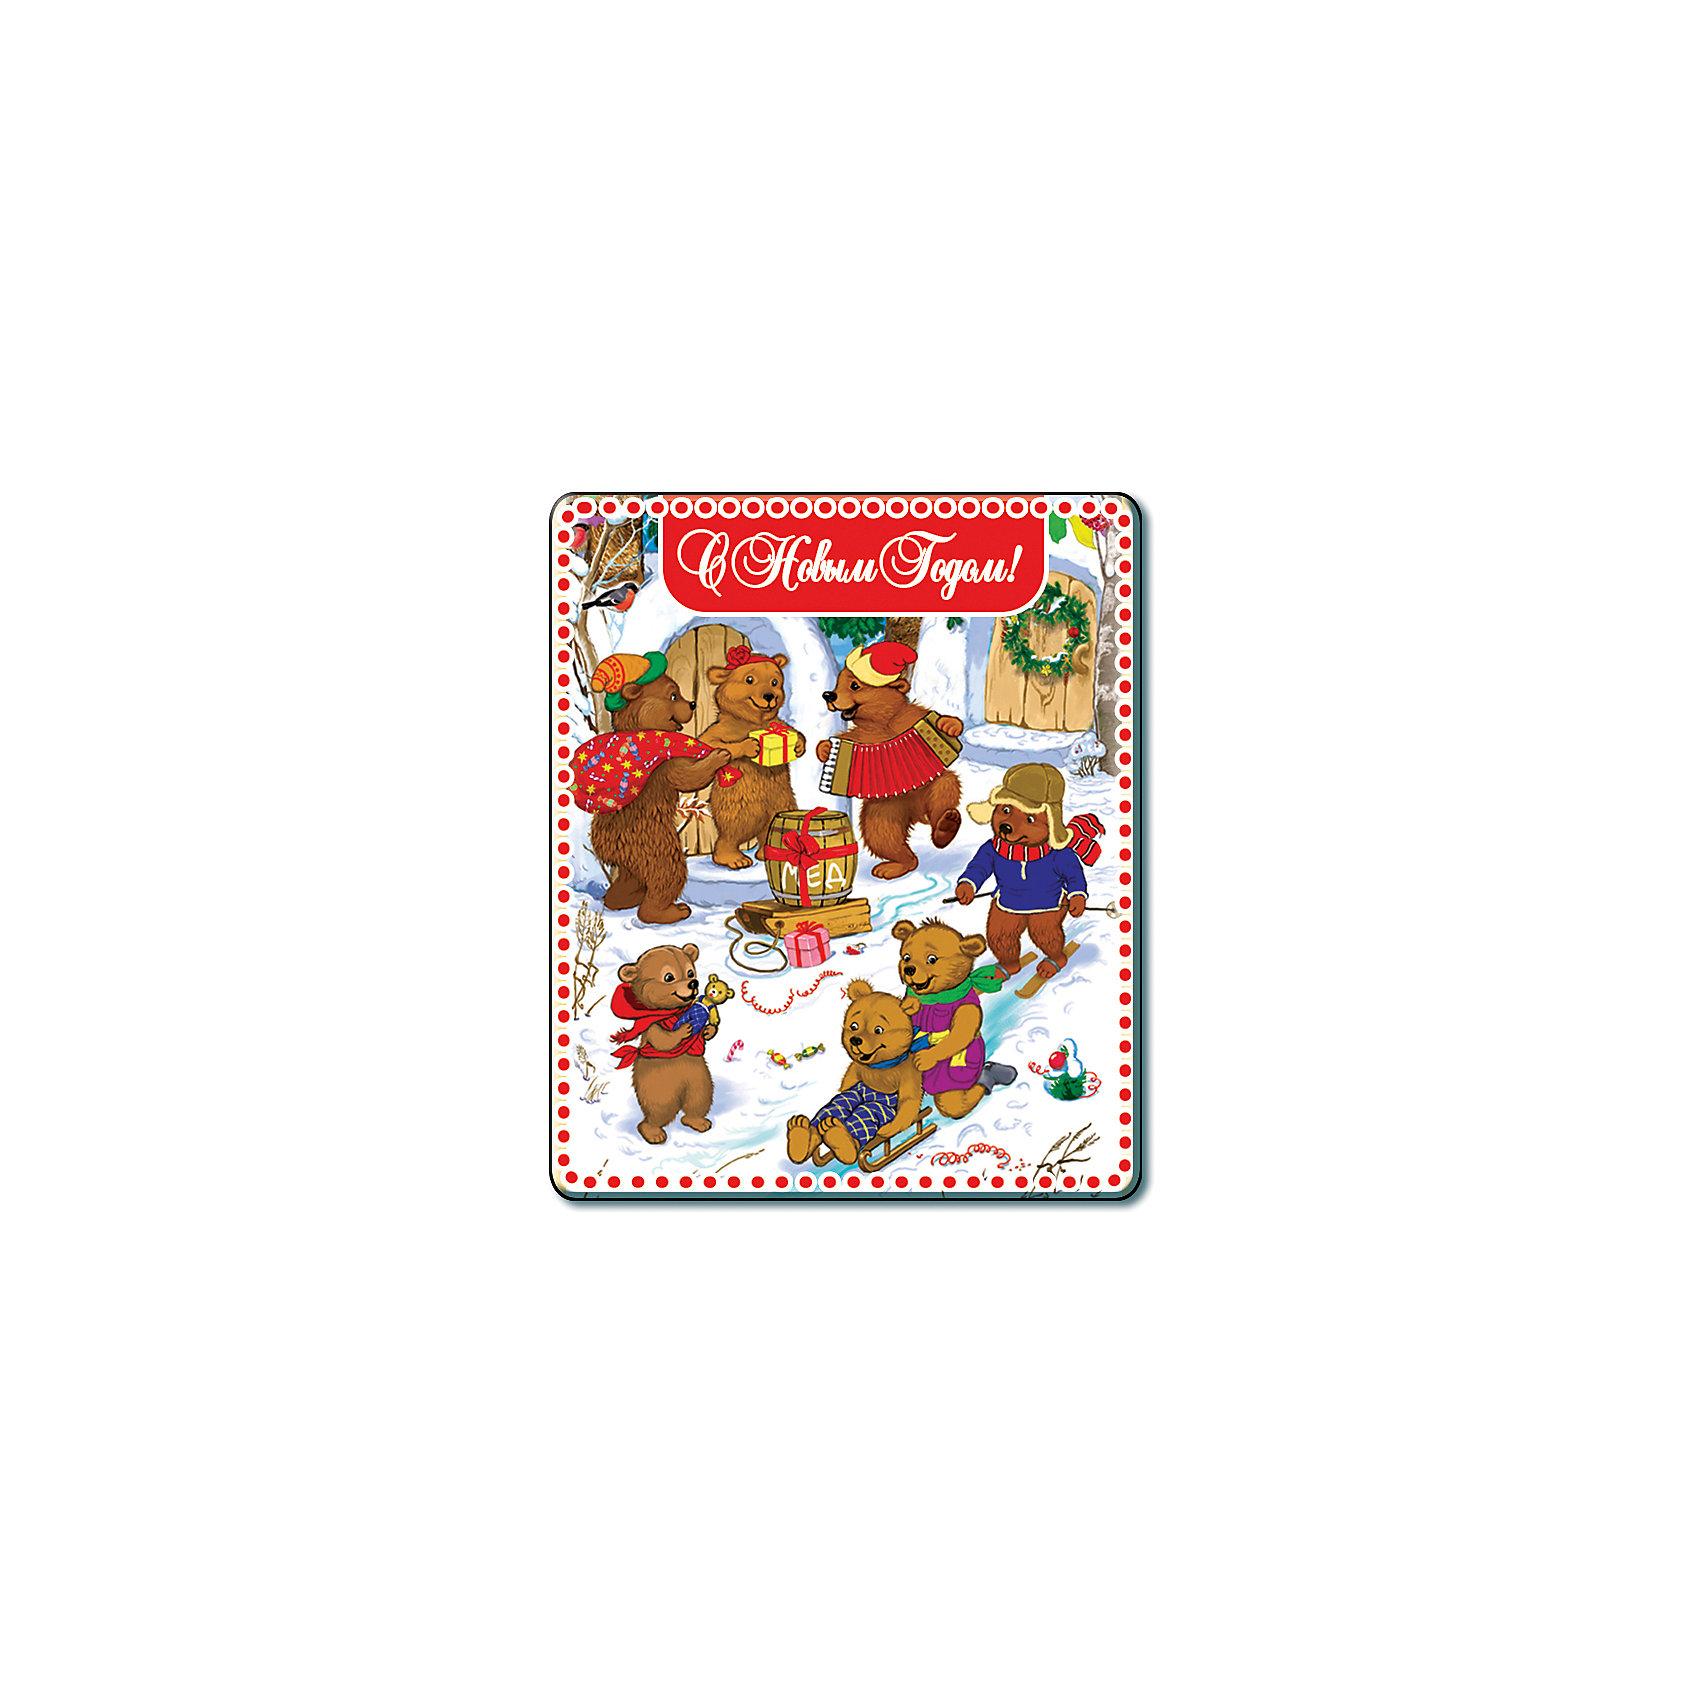 Магнит МедвежатаНовогодние сувениры<br>Яркий магнит с новогодней символикой - прекрасный вариант для праздничного сувенира. Магнит можно прикрепить на любую металлическую поверхность, он всегда будет радовать, напоминая о веселом и таком долгожданном для всех празднике! <br><br>Дополнительная информация:<br><br>- Материал: агломерированный феррит. <br>- Размер: 5х6 см.<br>- Яркий привлекательный дизайн. <br><br>Новогодний магнит Медвежата можно купить в нашем магазине.<br><br>Ширина мм: 100<br>Глубина мм: 100<br>Высота мм: 10<br>Вес г: 260<br>Возраст от месяцев: 36<br>Возраст до месяцев: 2147483647<br>Пол: Унисекс<br>Возраст: Детский<br>SKU: 4981317